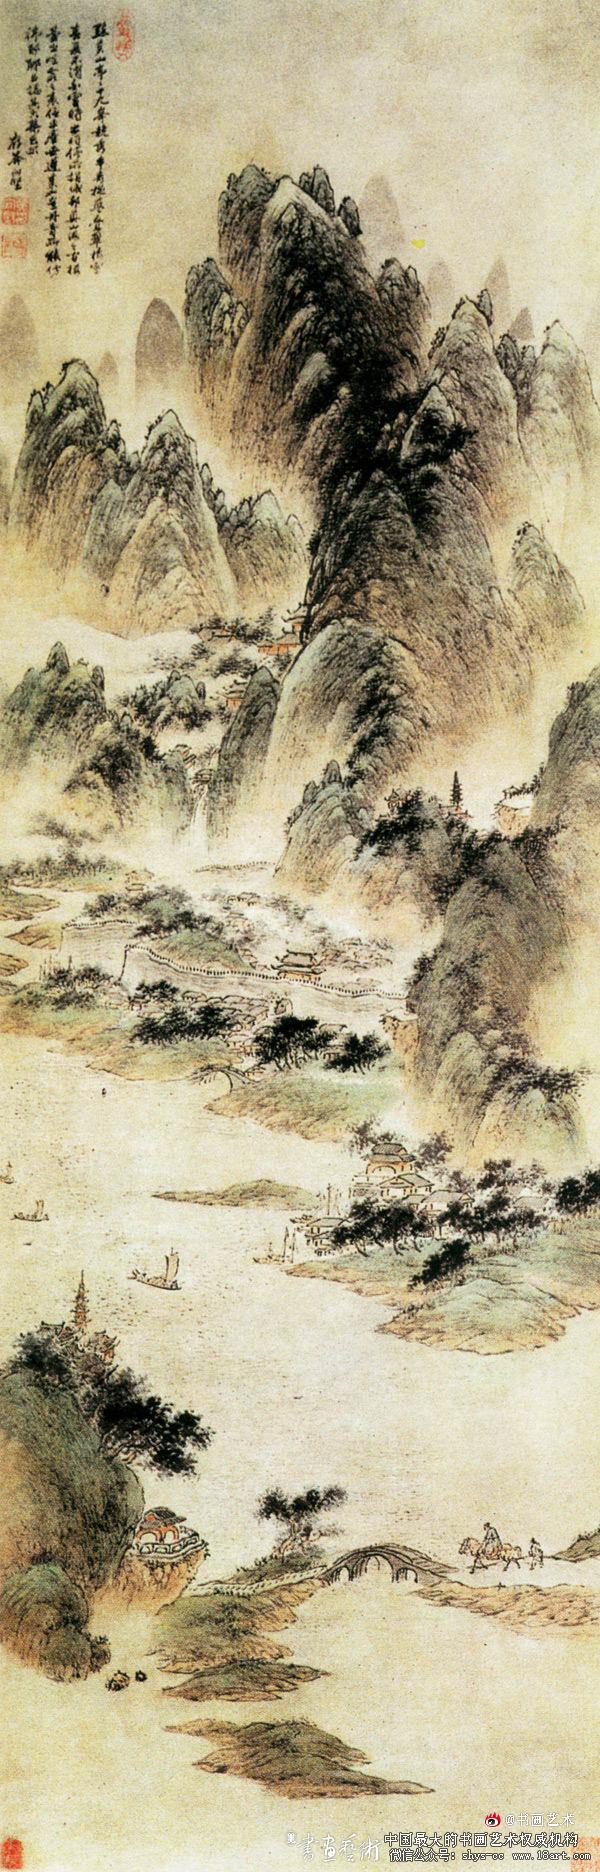 黄向坚的这幅《点苍山色图》(见右图),描绘的便是云南胜景。此作为纸本,设色,纵127.7厘米,横42.5厘米,现藏上海博物馆